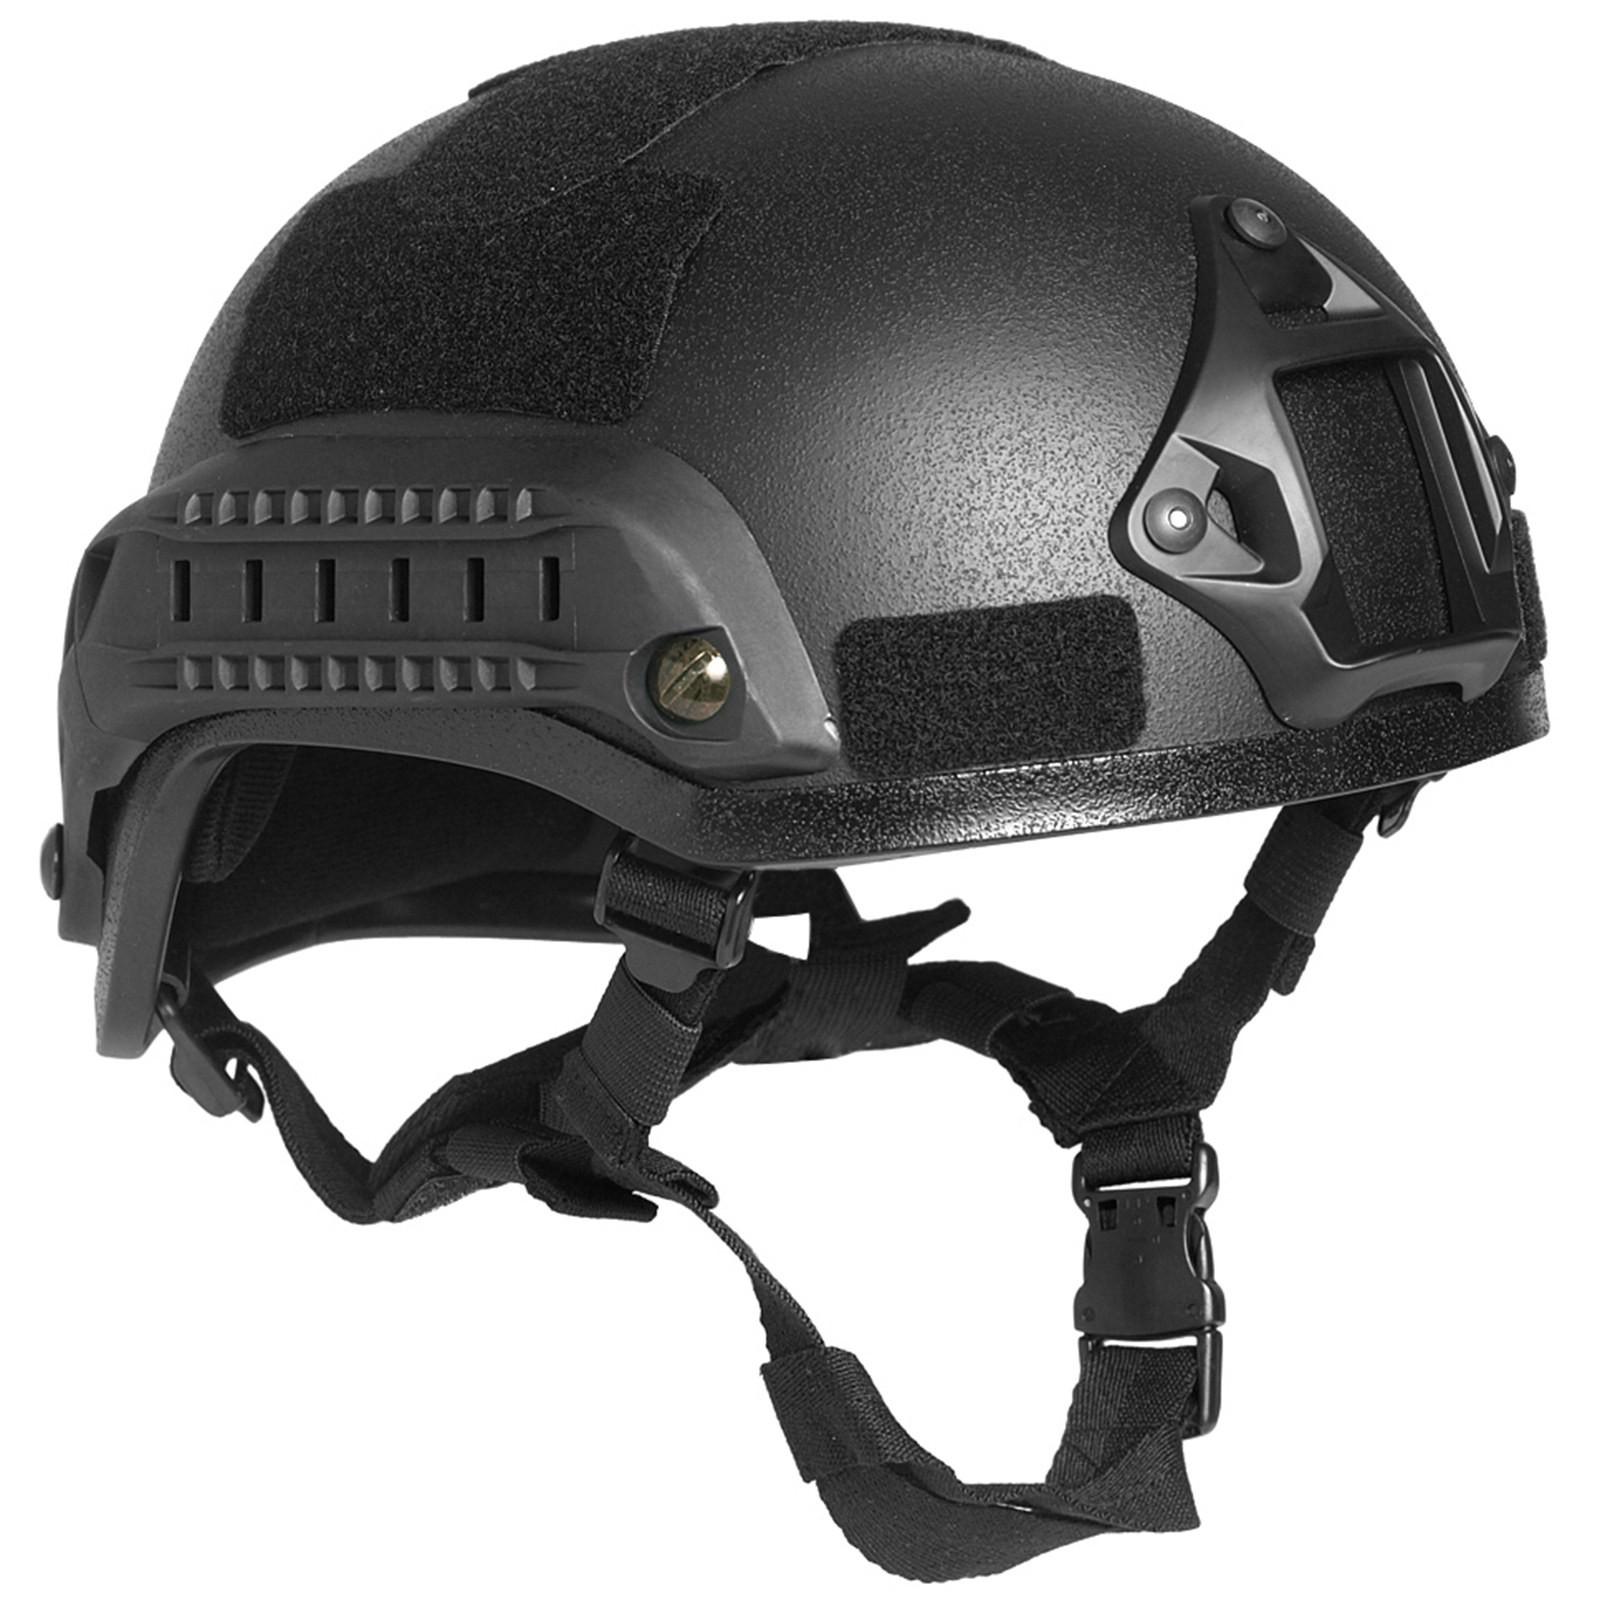 Casco Elmetto SOFTAIR Tattico Protettivo Militare Nero Imbottito Mich con Velcro